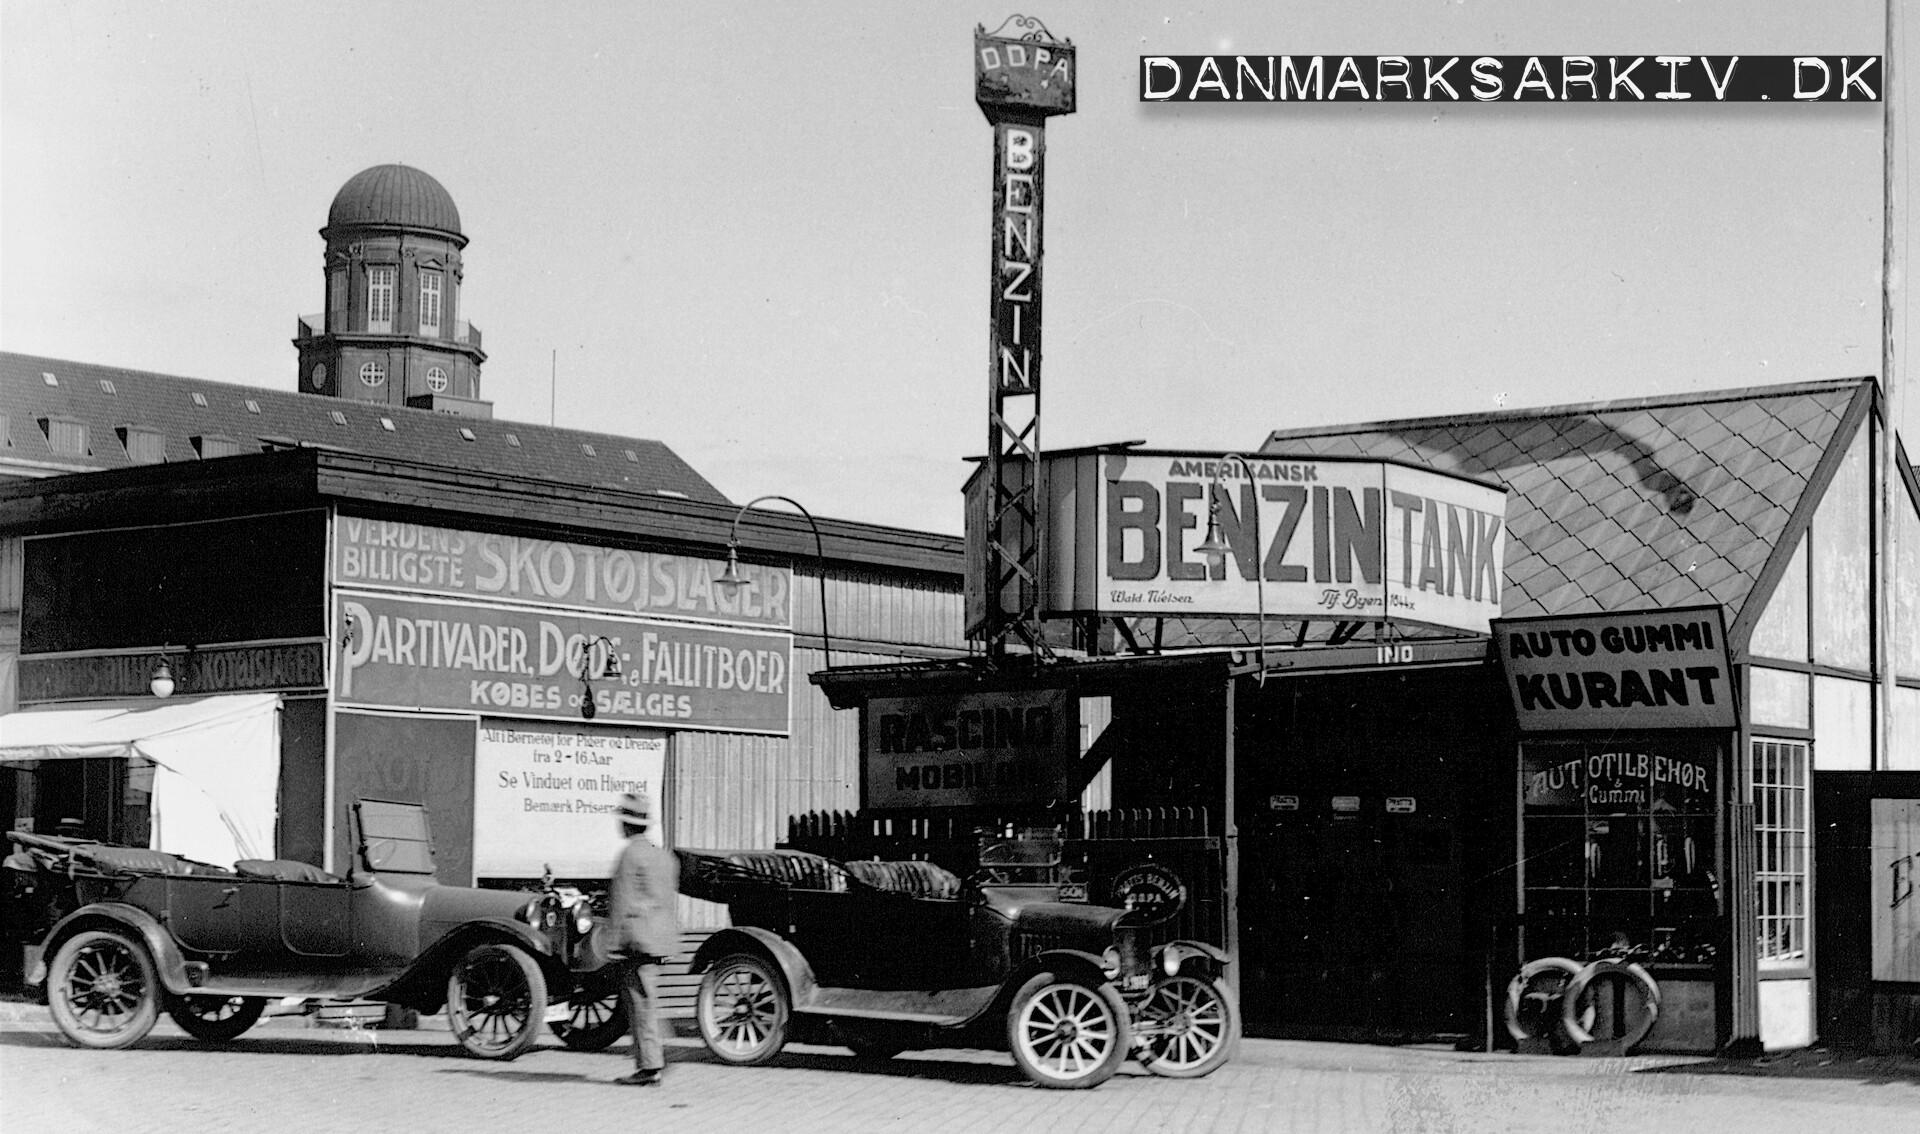 DDPA - Det Danske Petroleum Selskabs tankstation på Gammel Kongevej 13 - 1925